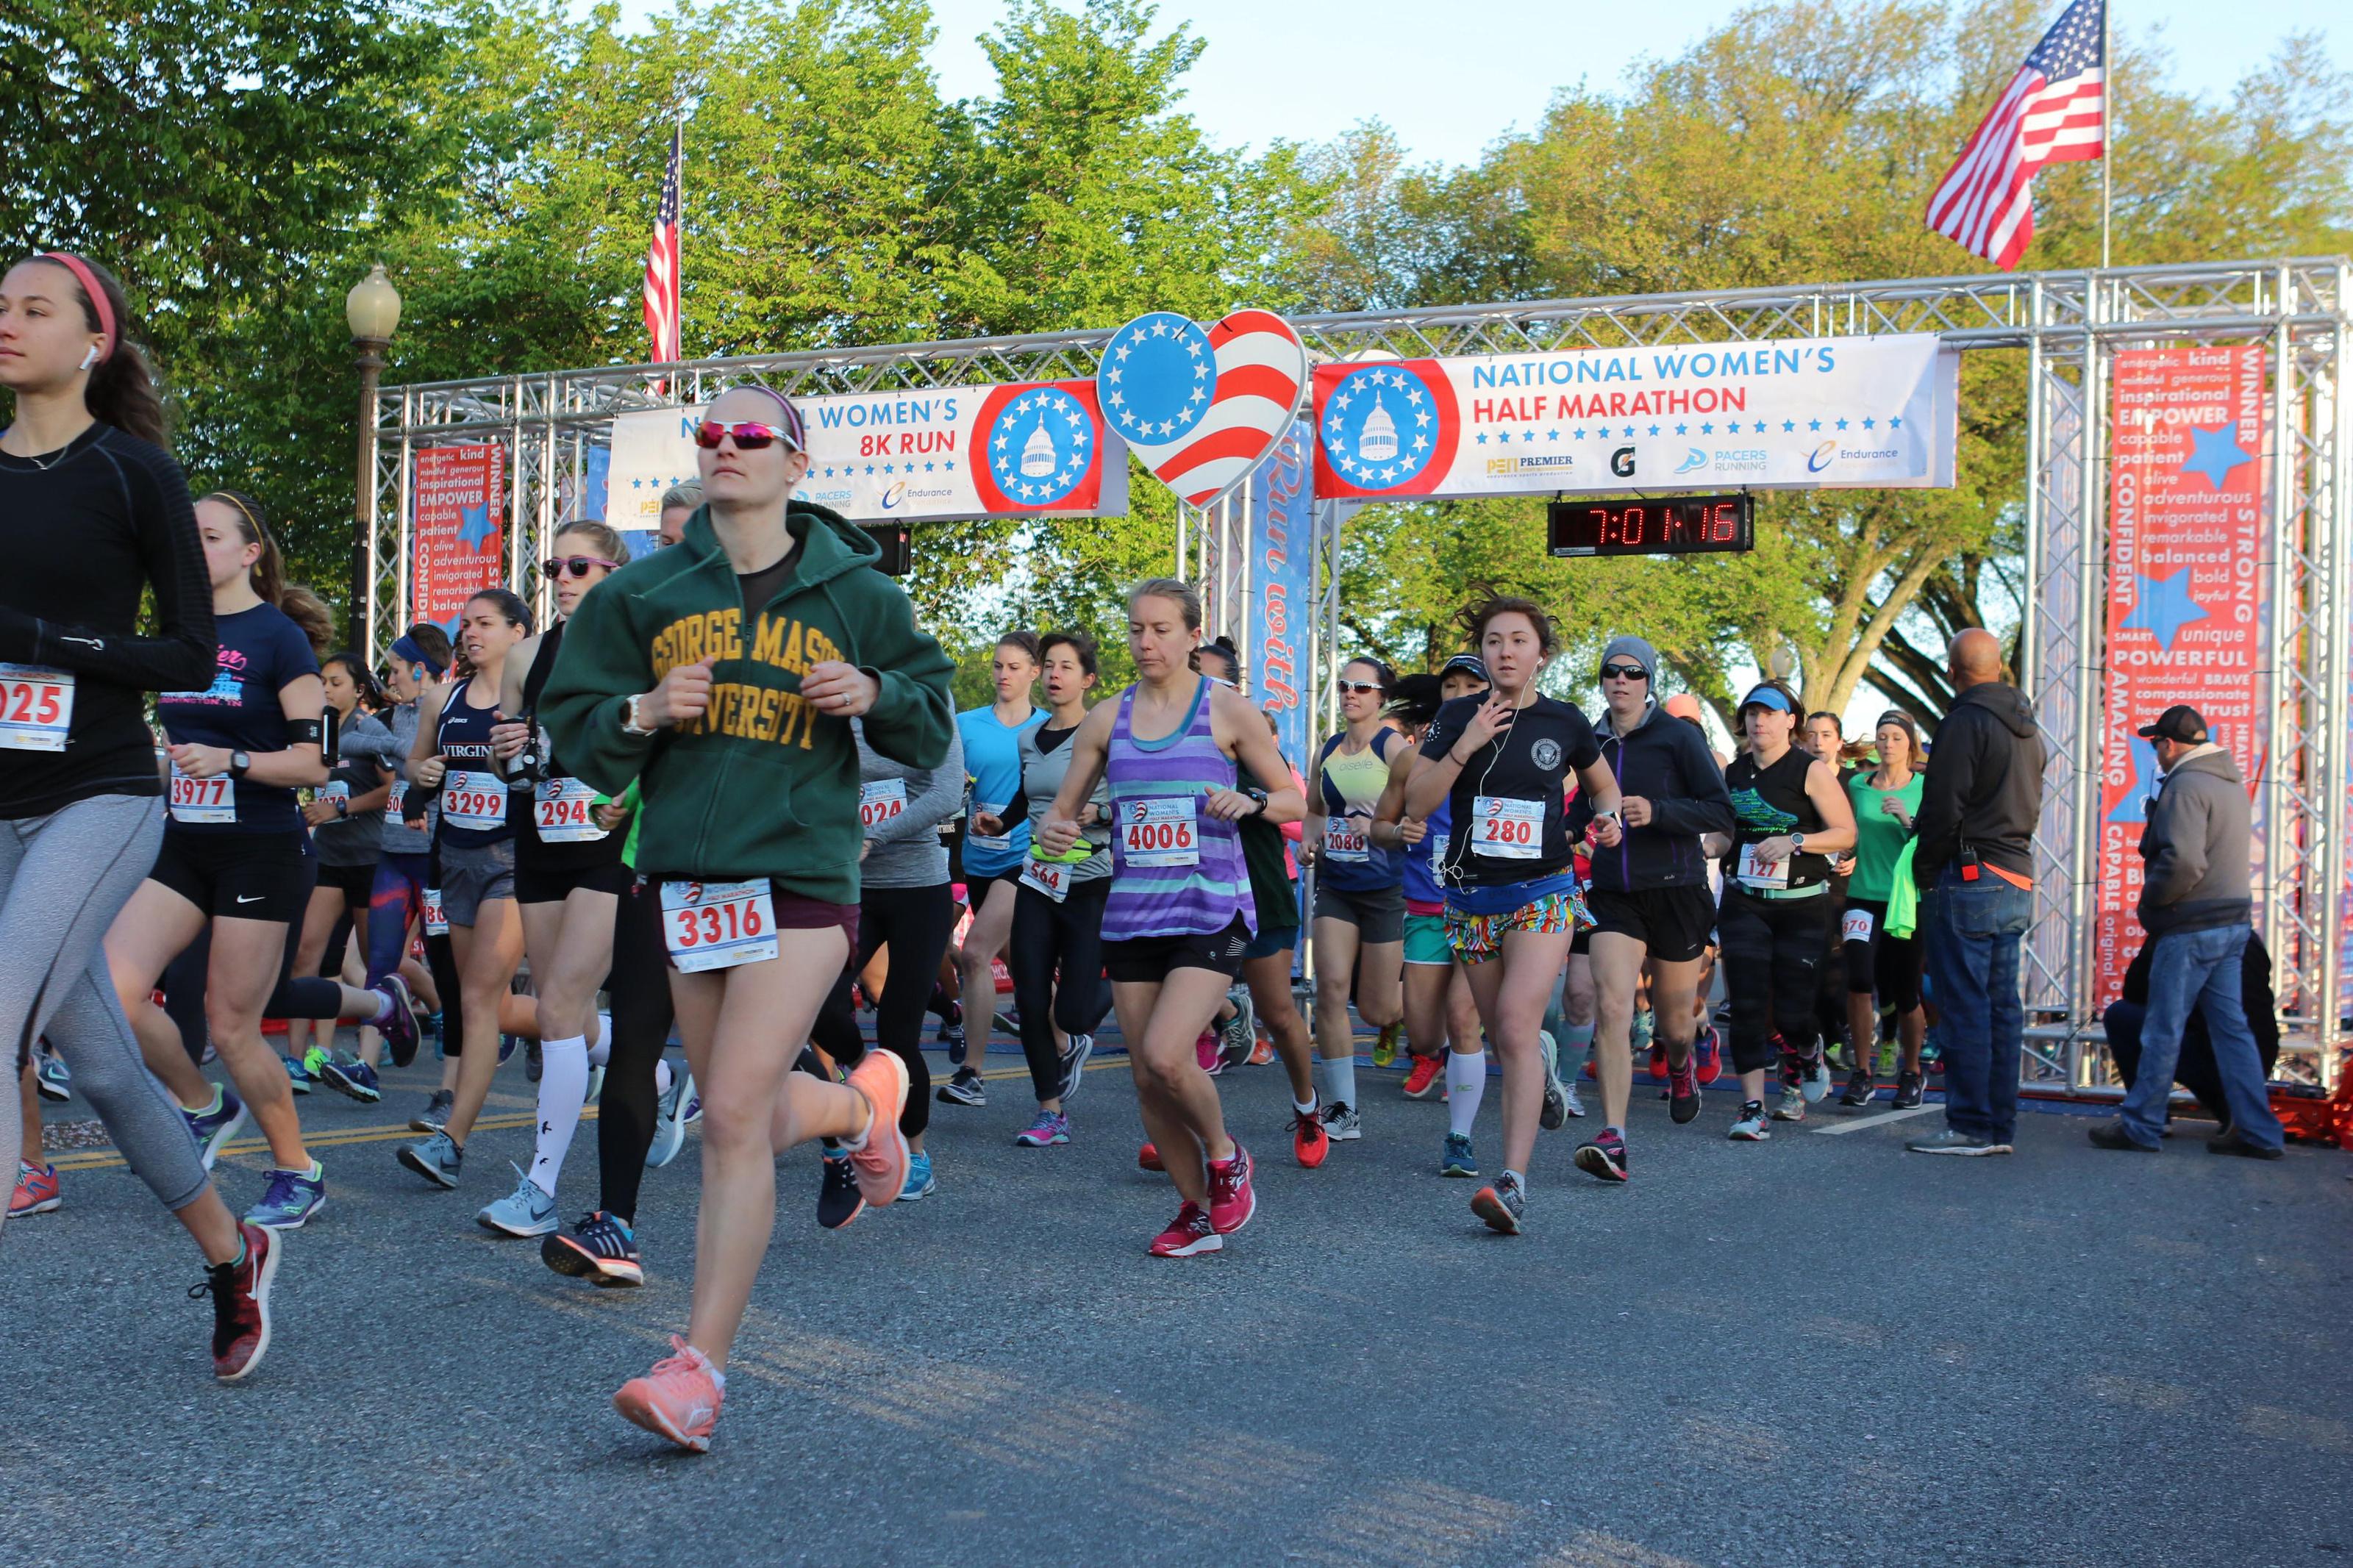 2018 National Women's Half Marathon